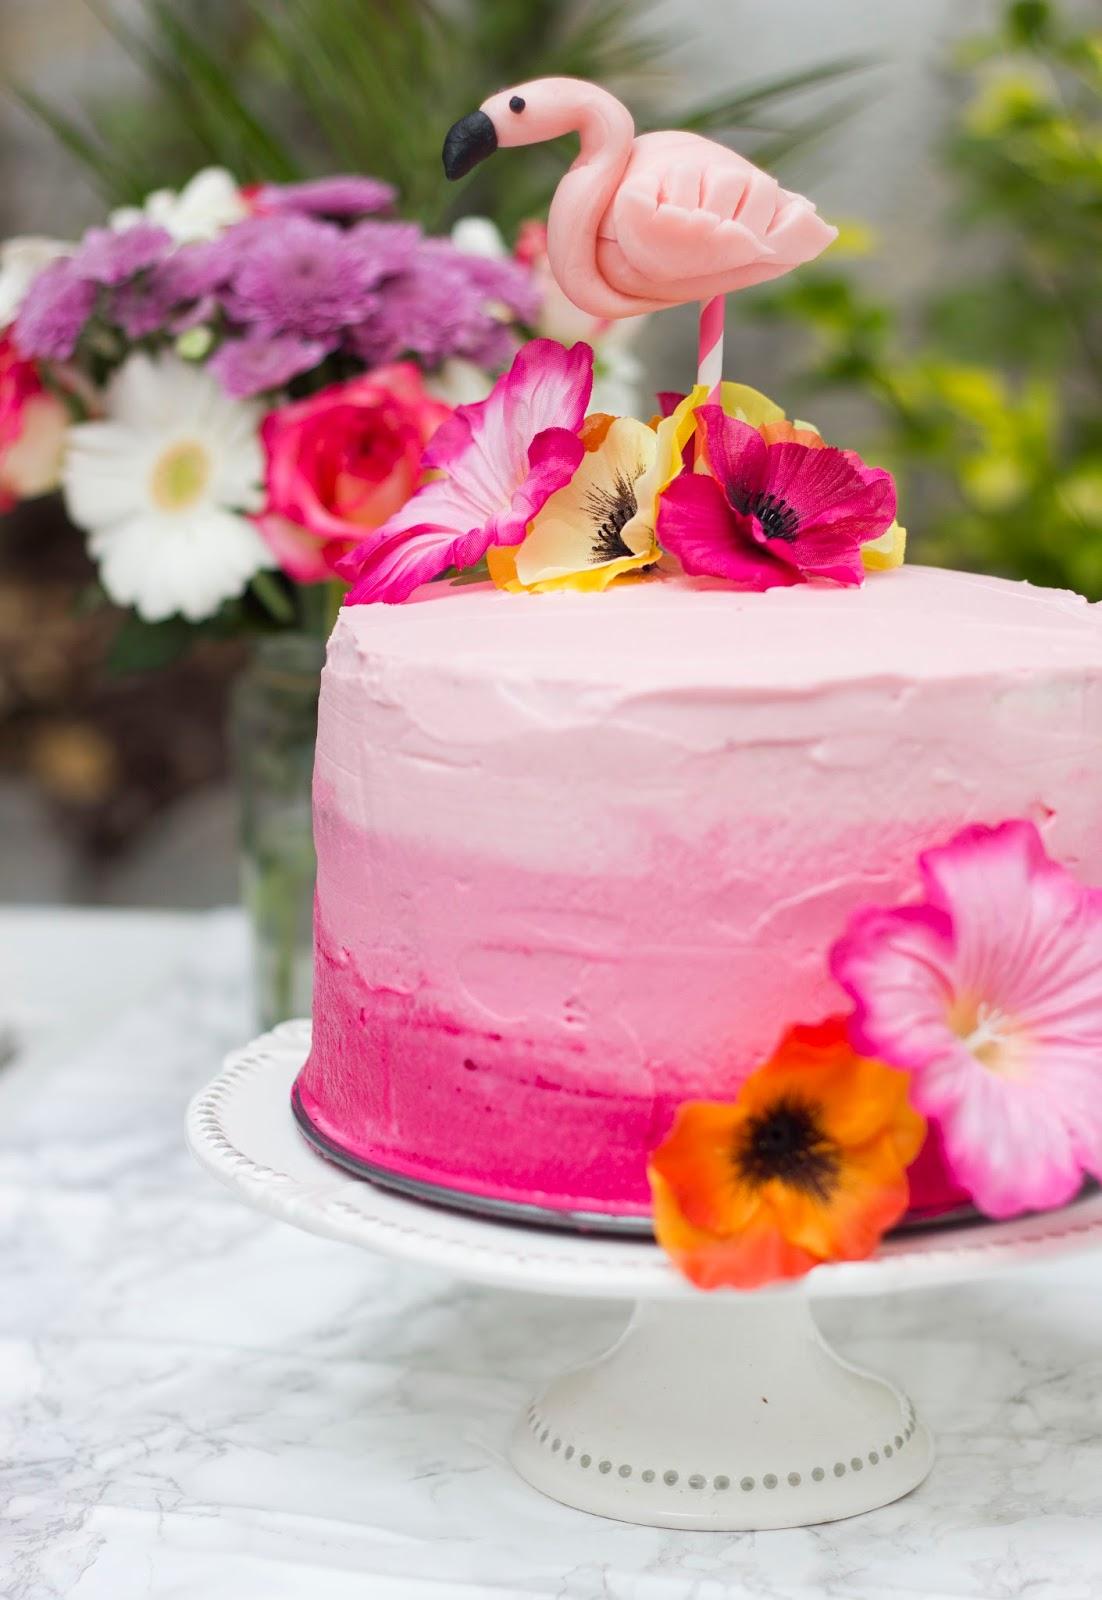 Layer cake aux fraises carnet sucr - Moule a layer cake ...